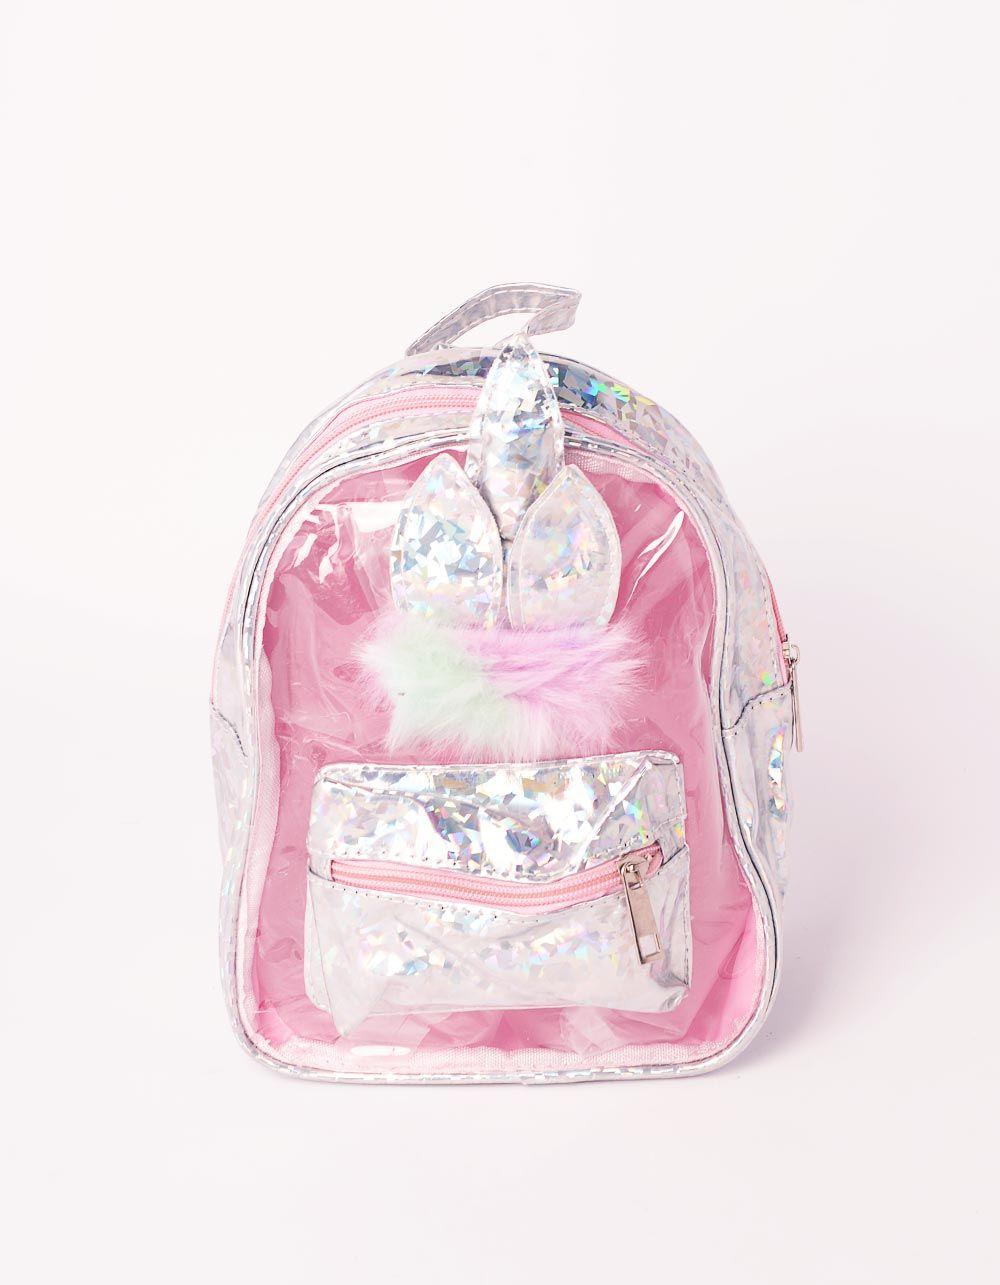 Рюкзак прозорий голографічний з вушками  та хутром | 239192-05-XX